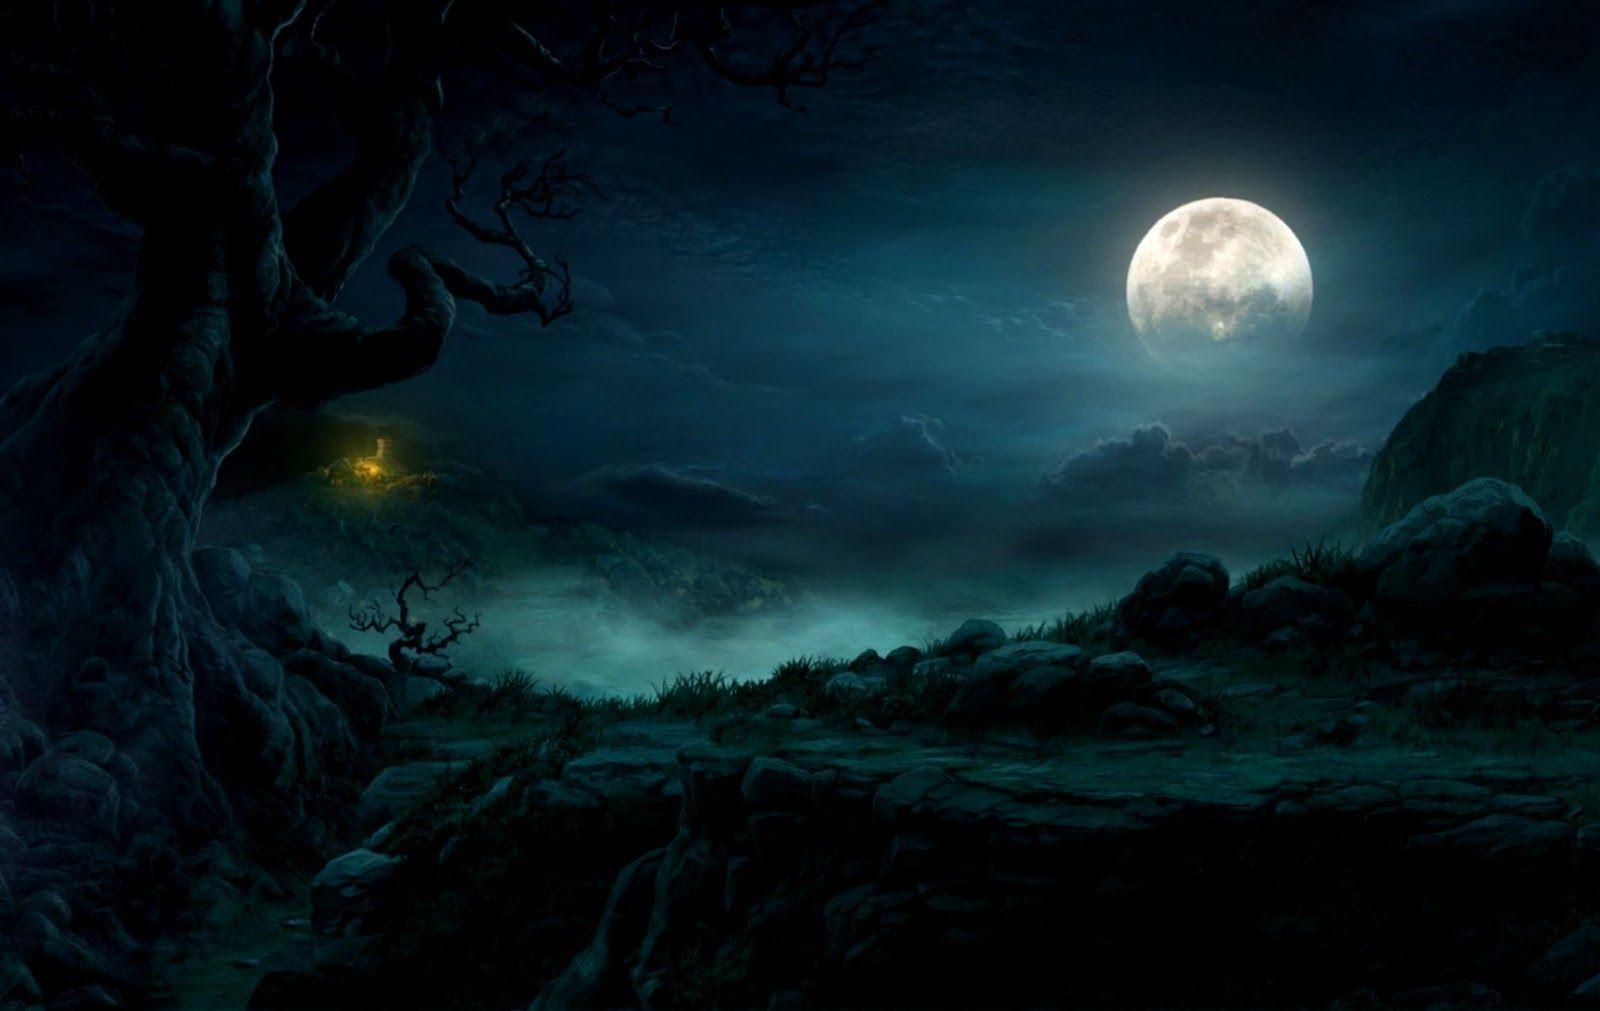 Full Moon Night Landscapes